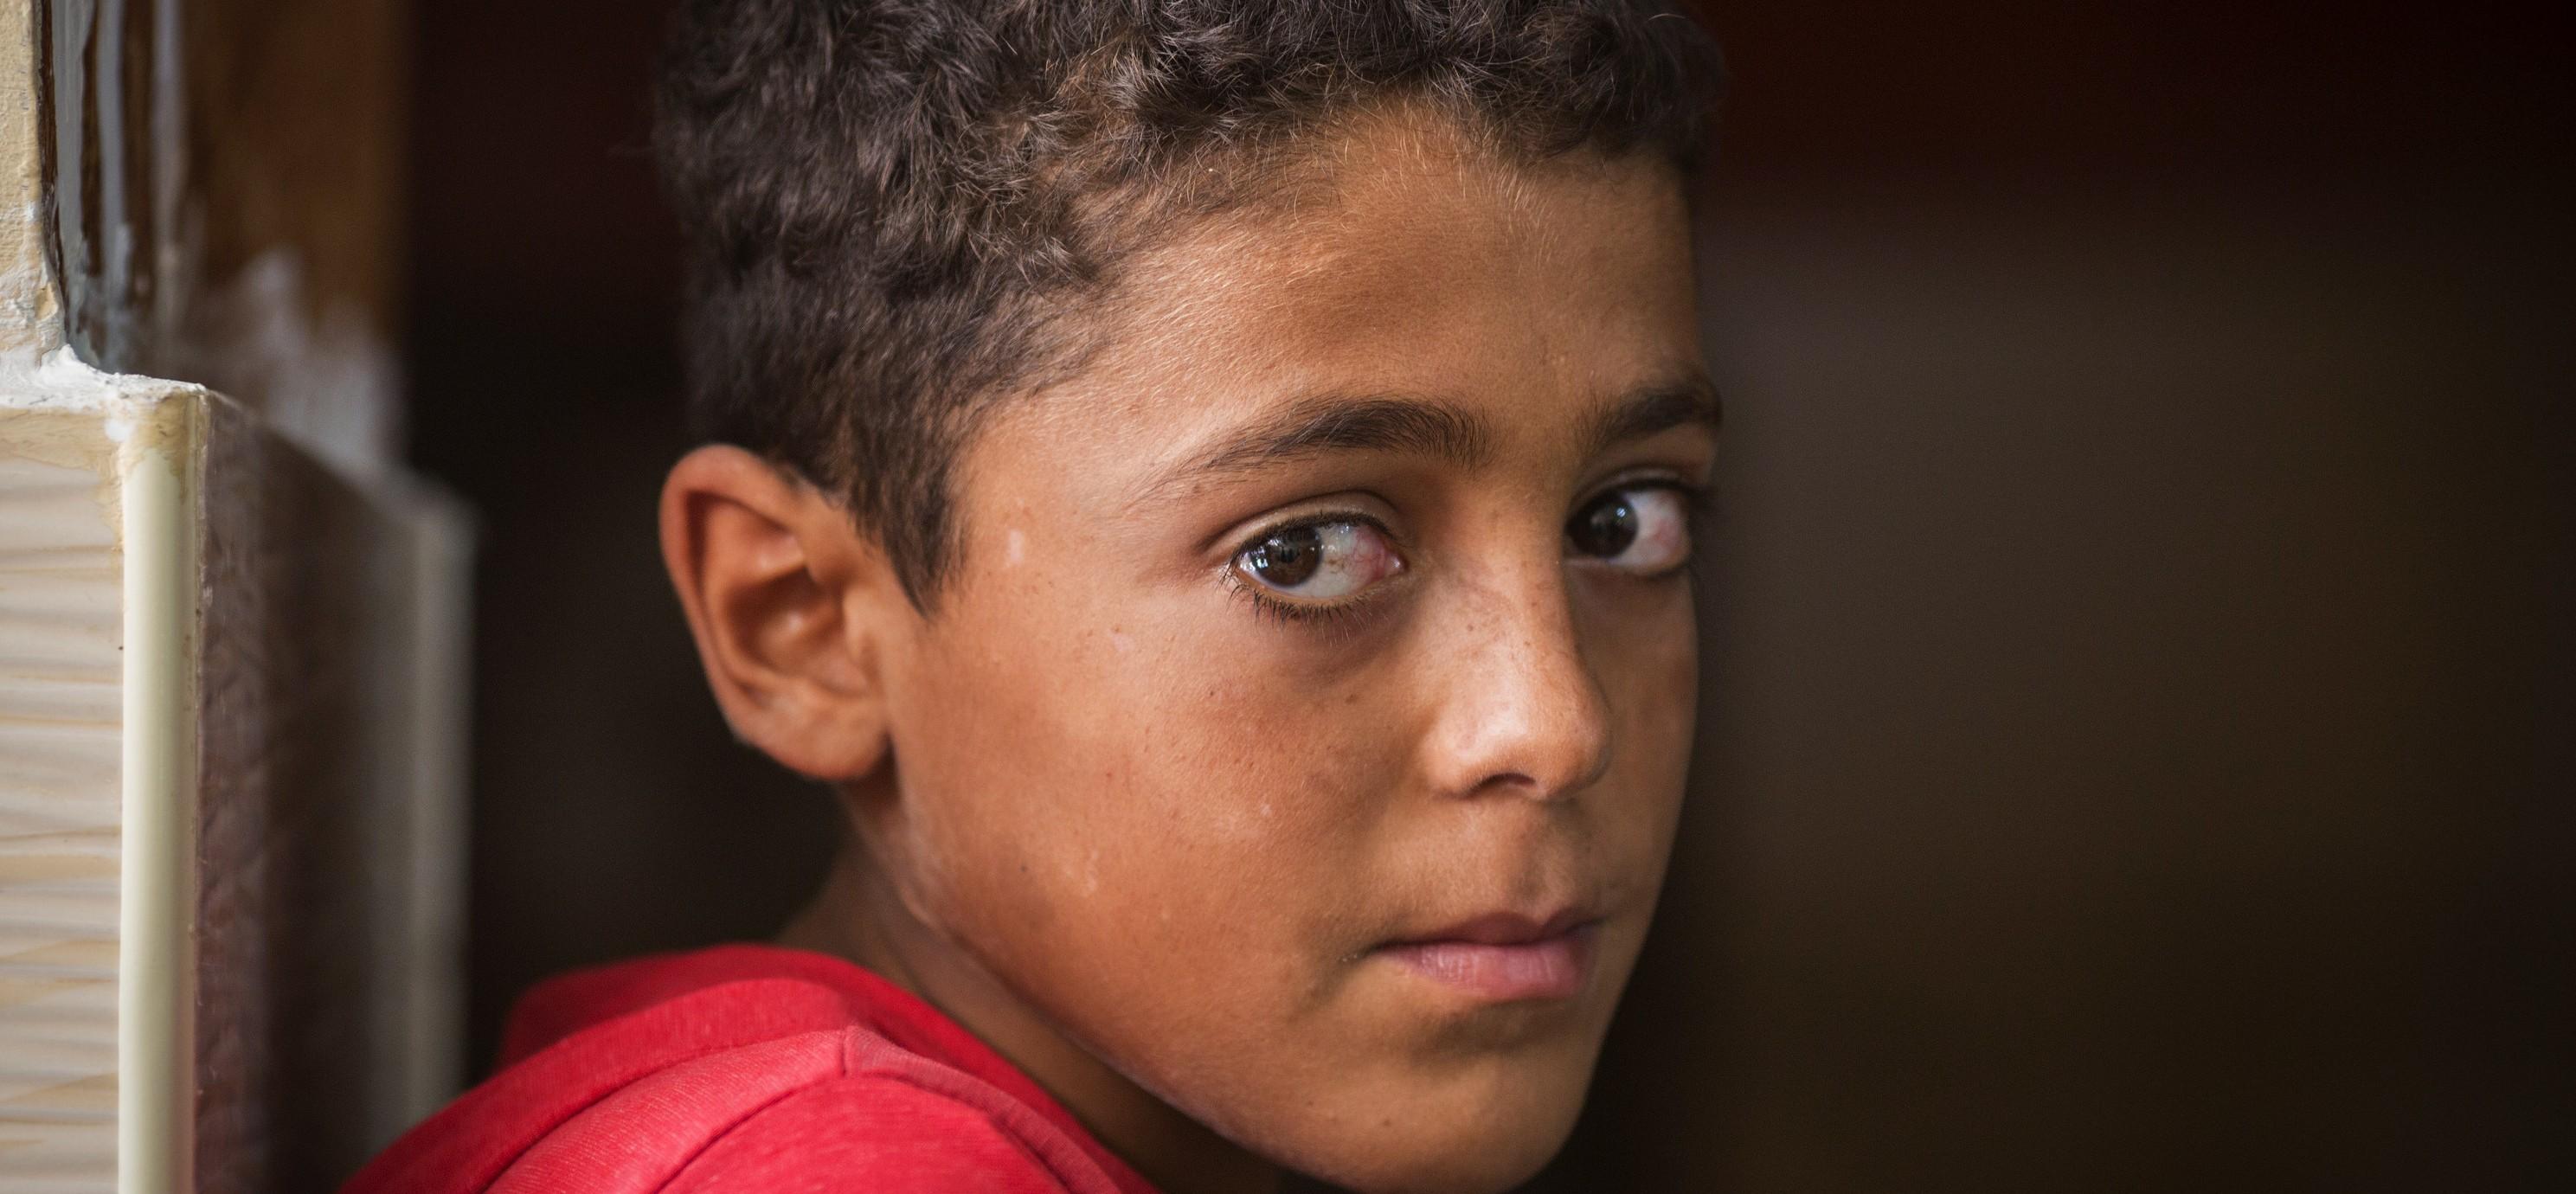 Gaza Faces by Alison baskerville